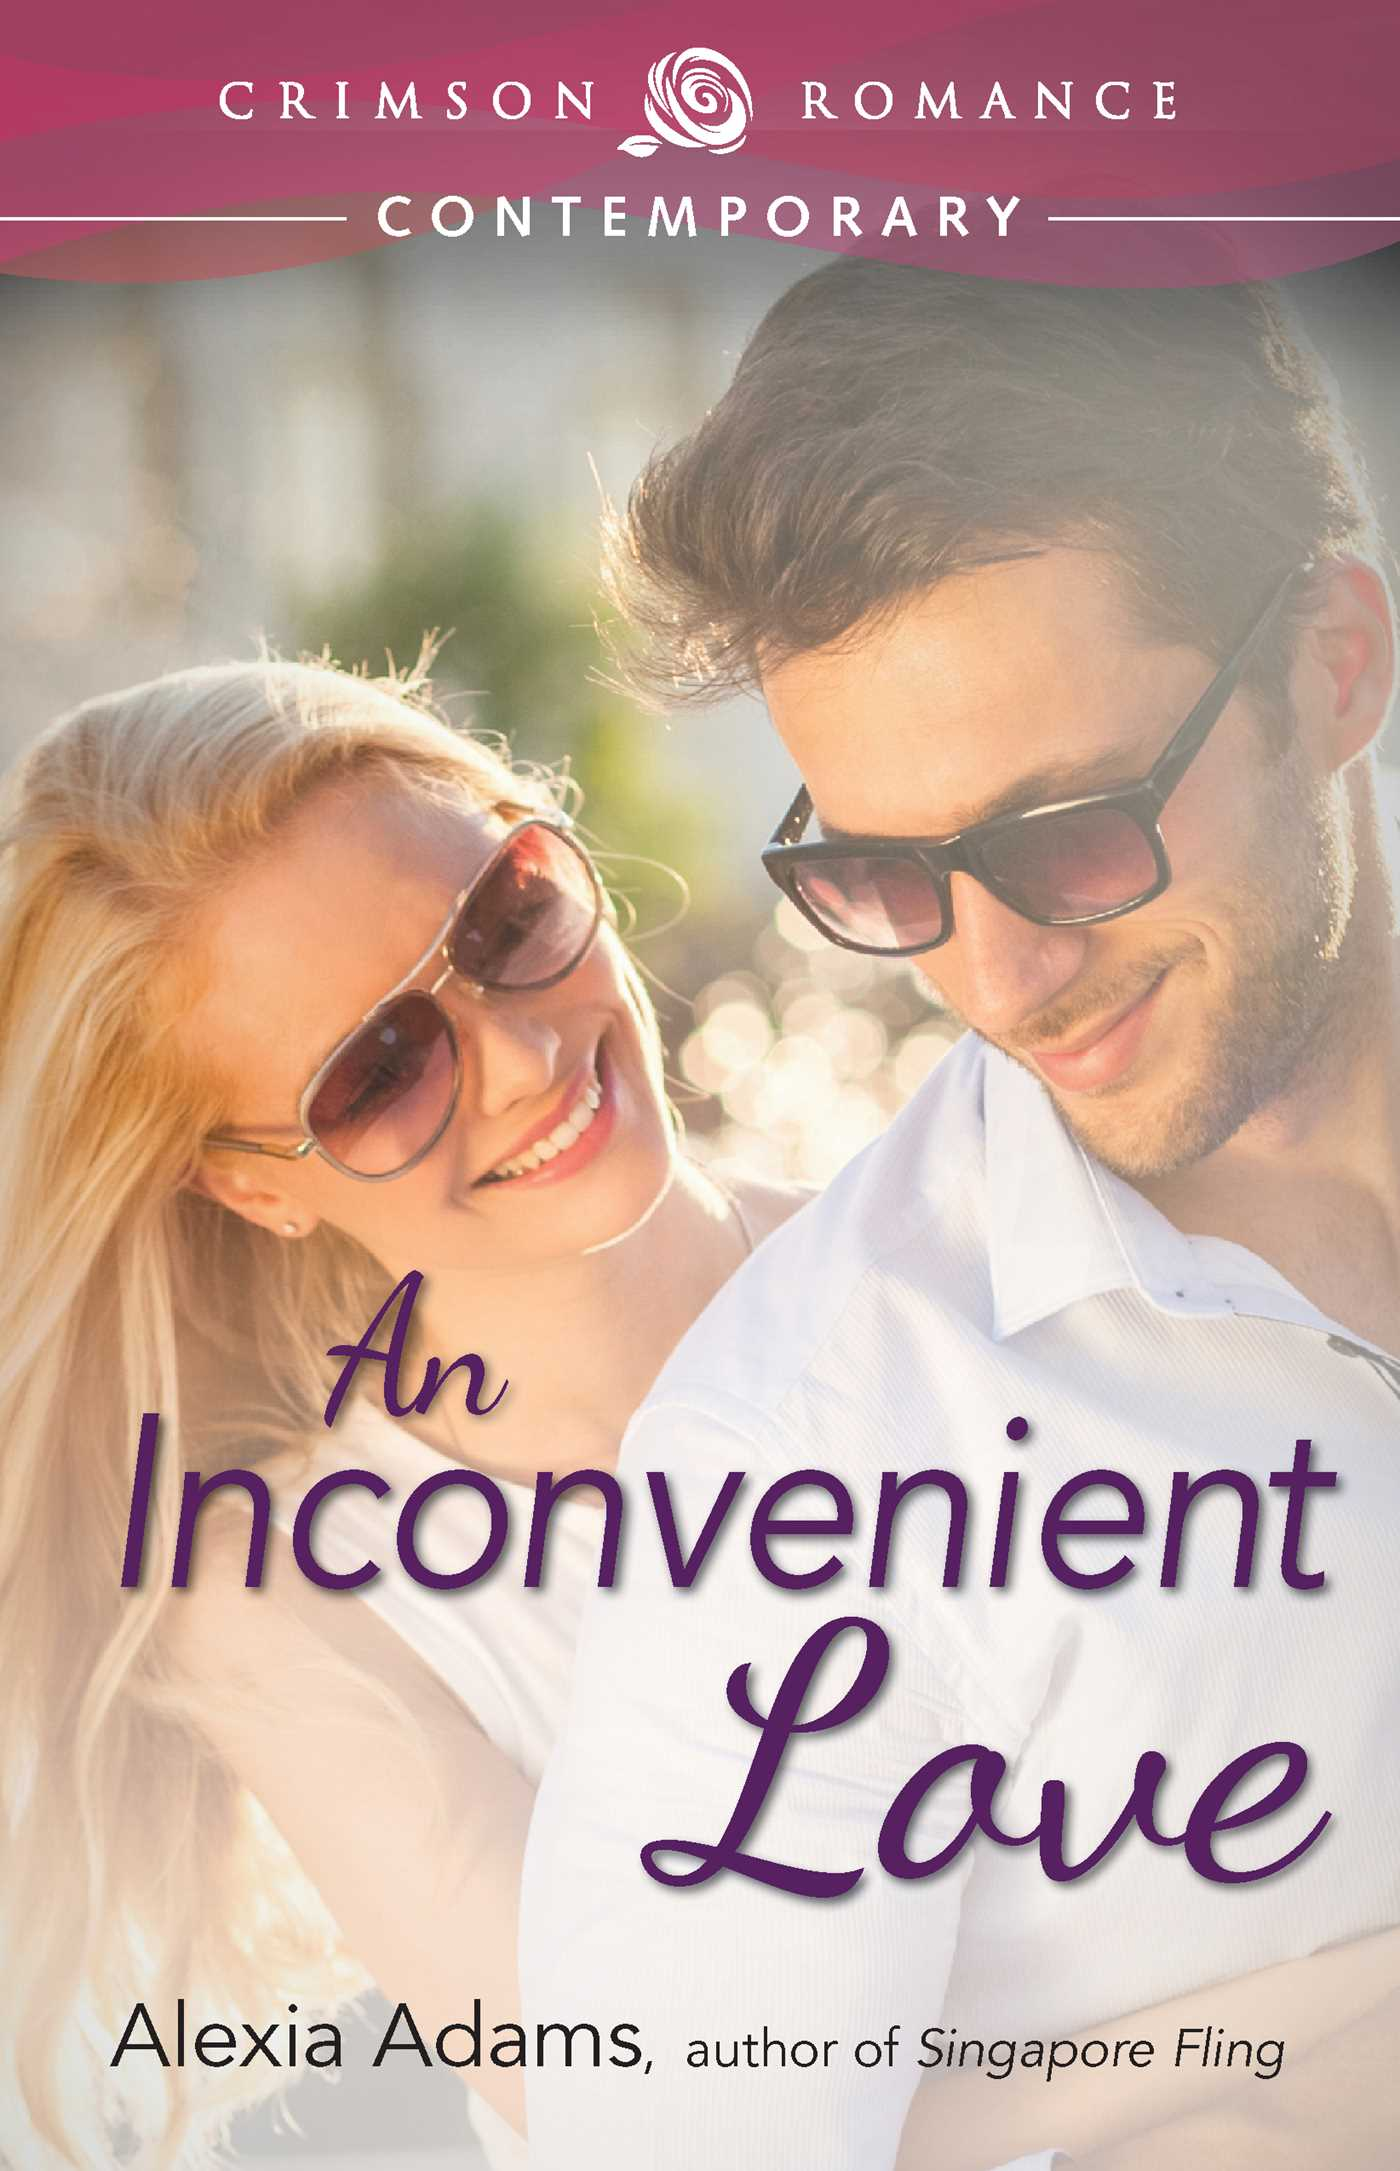 An Inconvenient Love